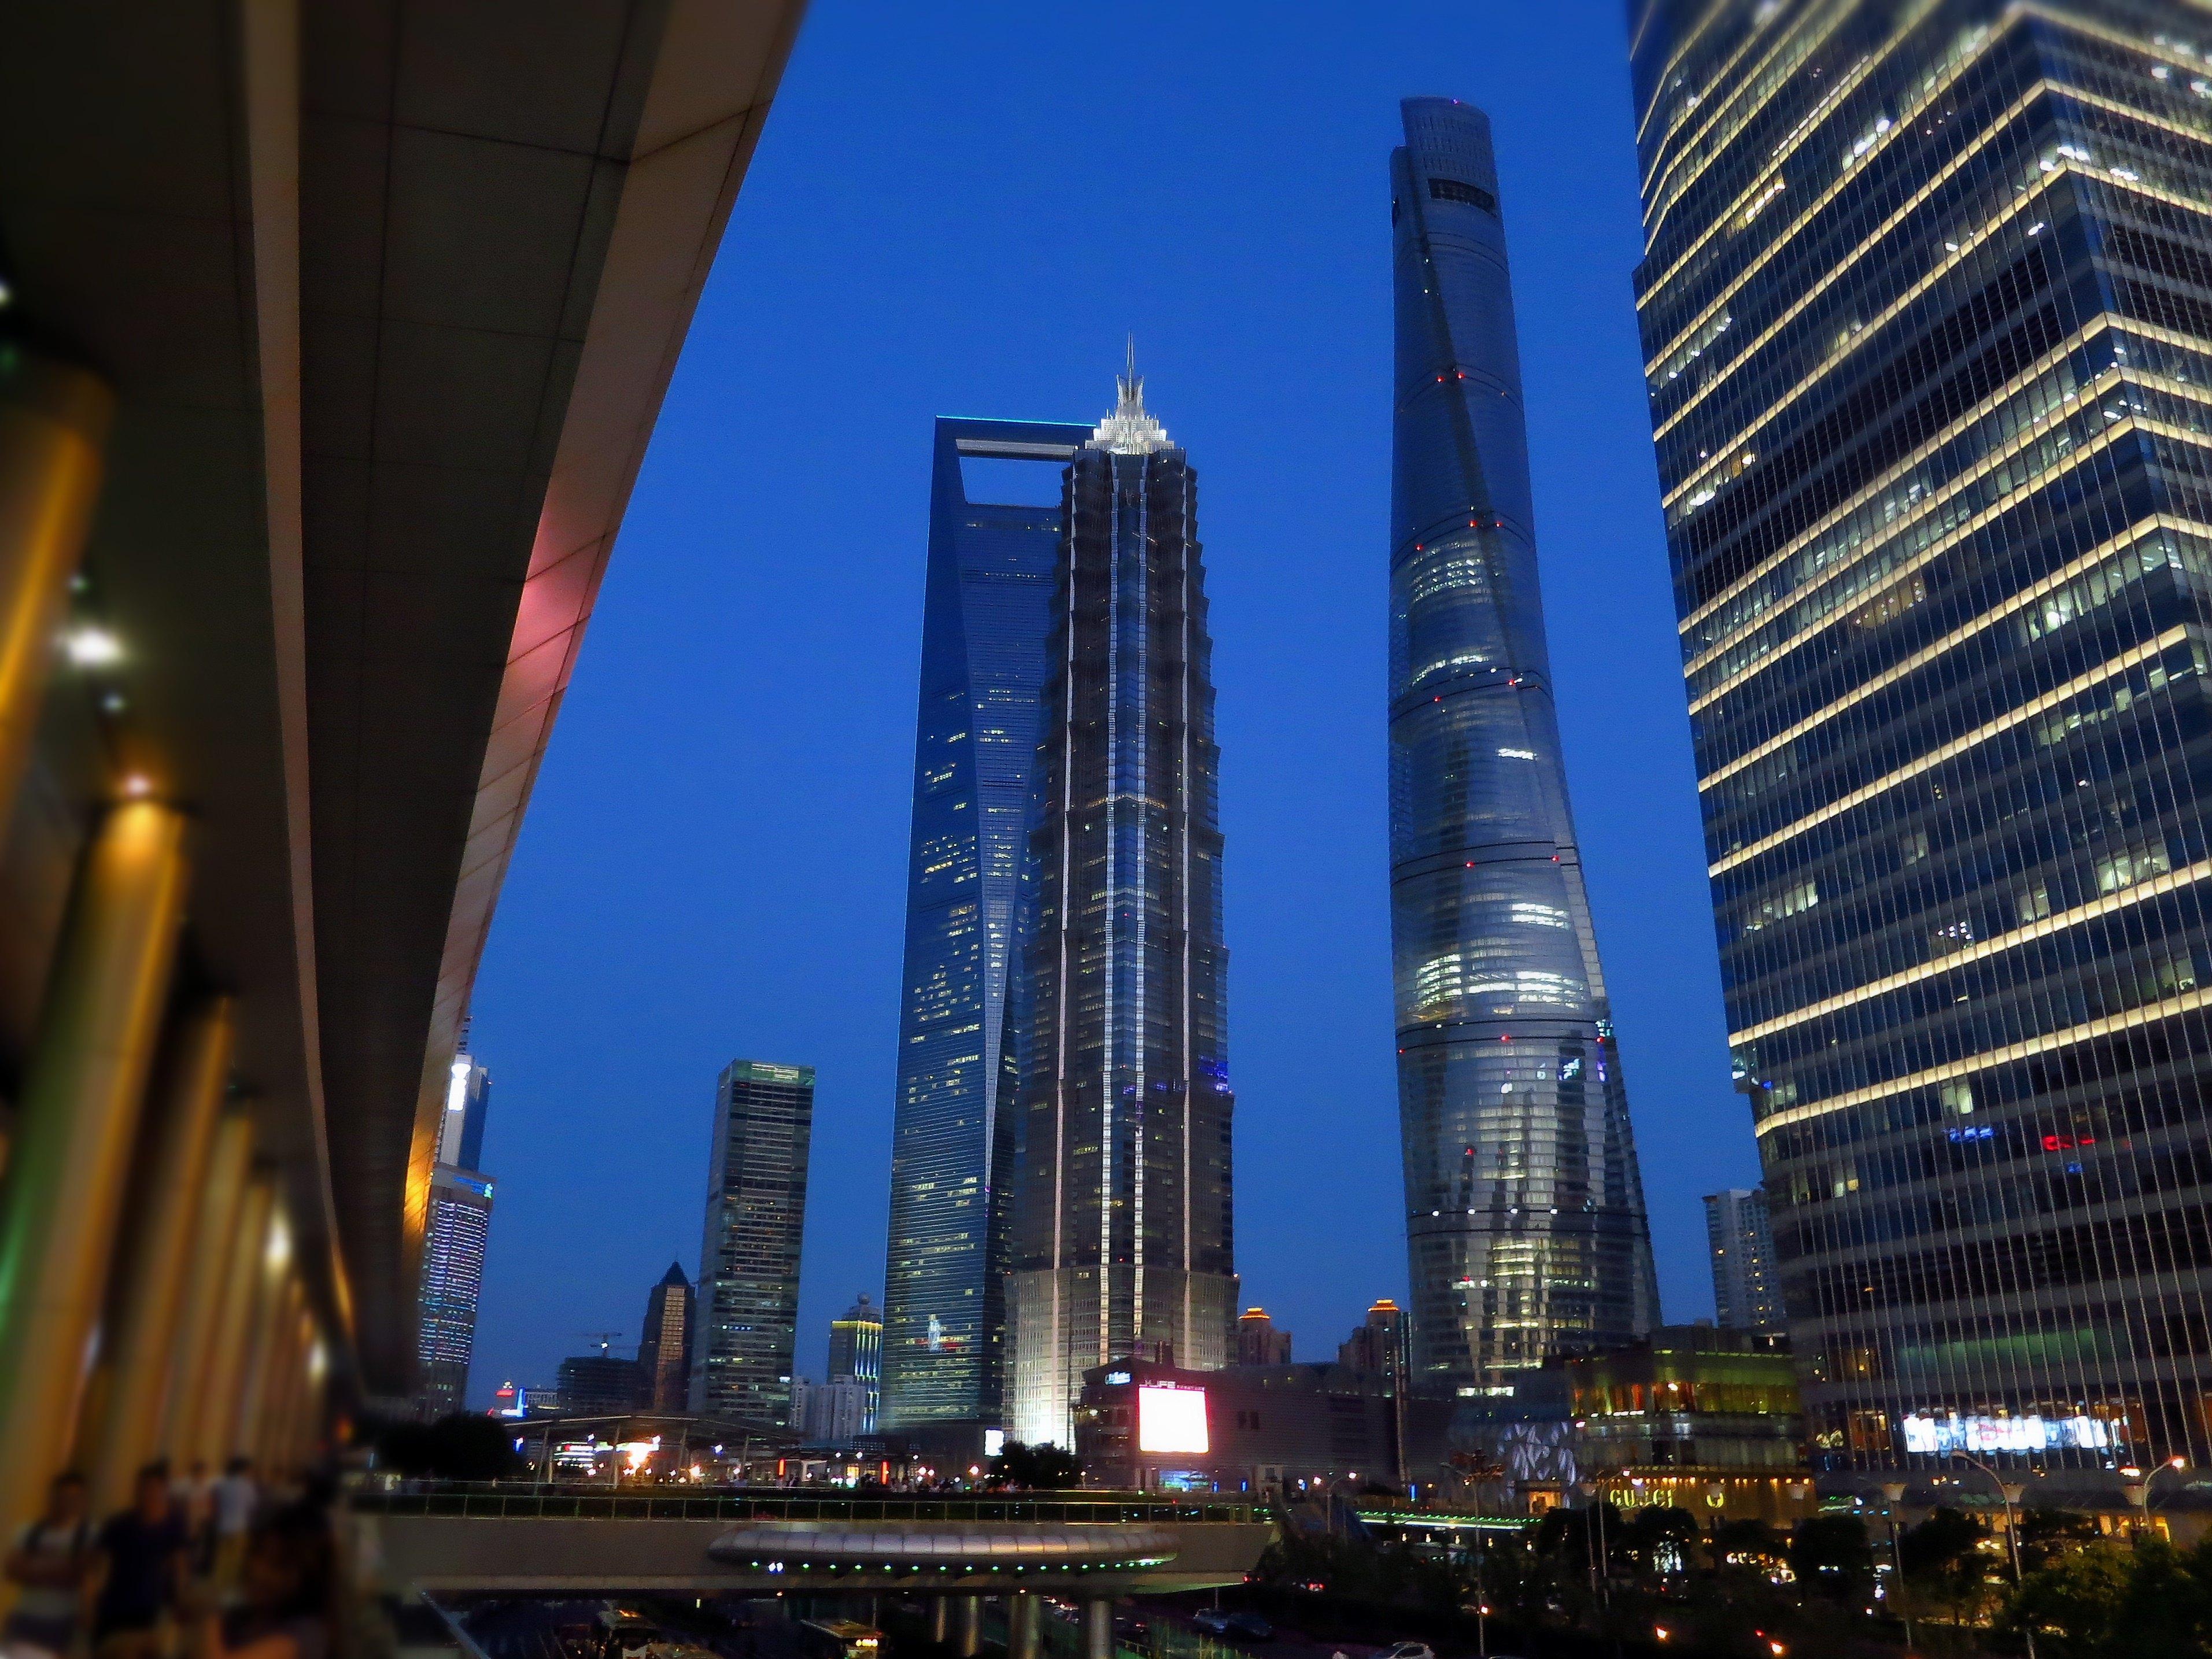 【携程攻略】上海陆家嘴中心绿地适合单独旅行旅游吗